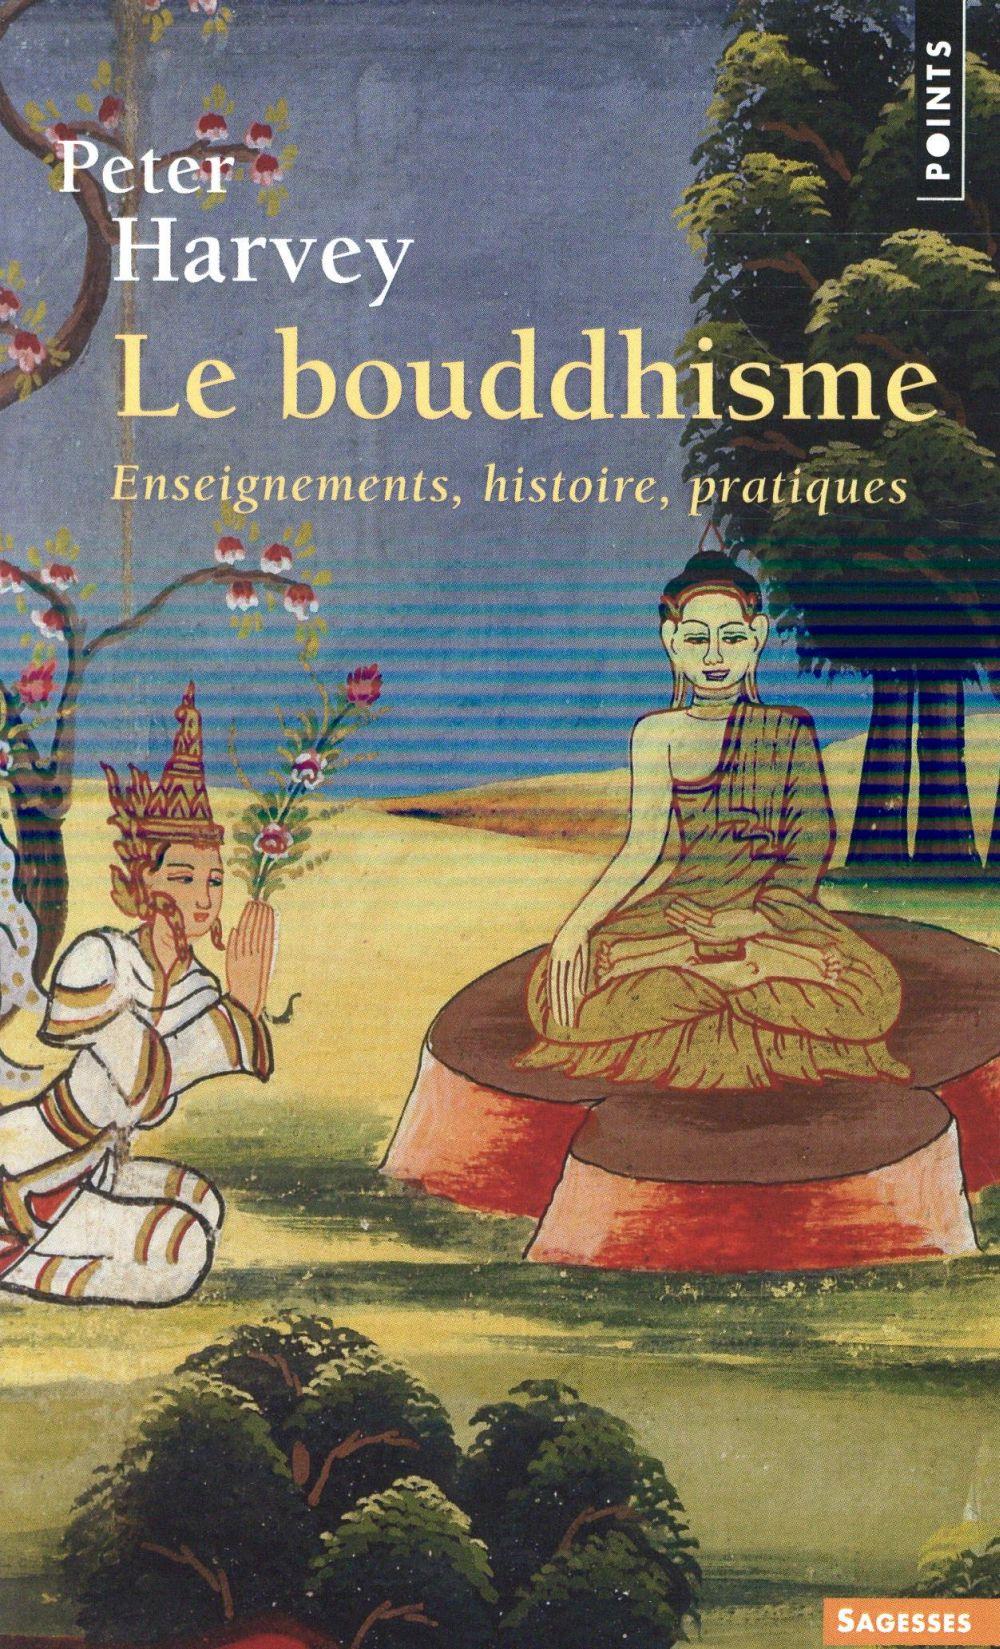 LE BOUDDHISME. ENSEIGNEMENTS, HISTOIRE, PRATIQUES Harvey Peter Points